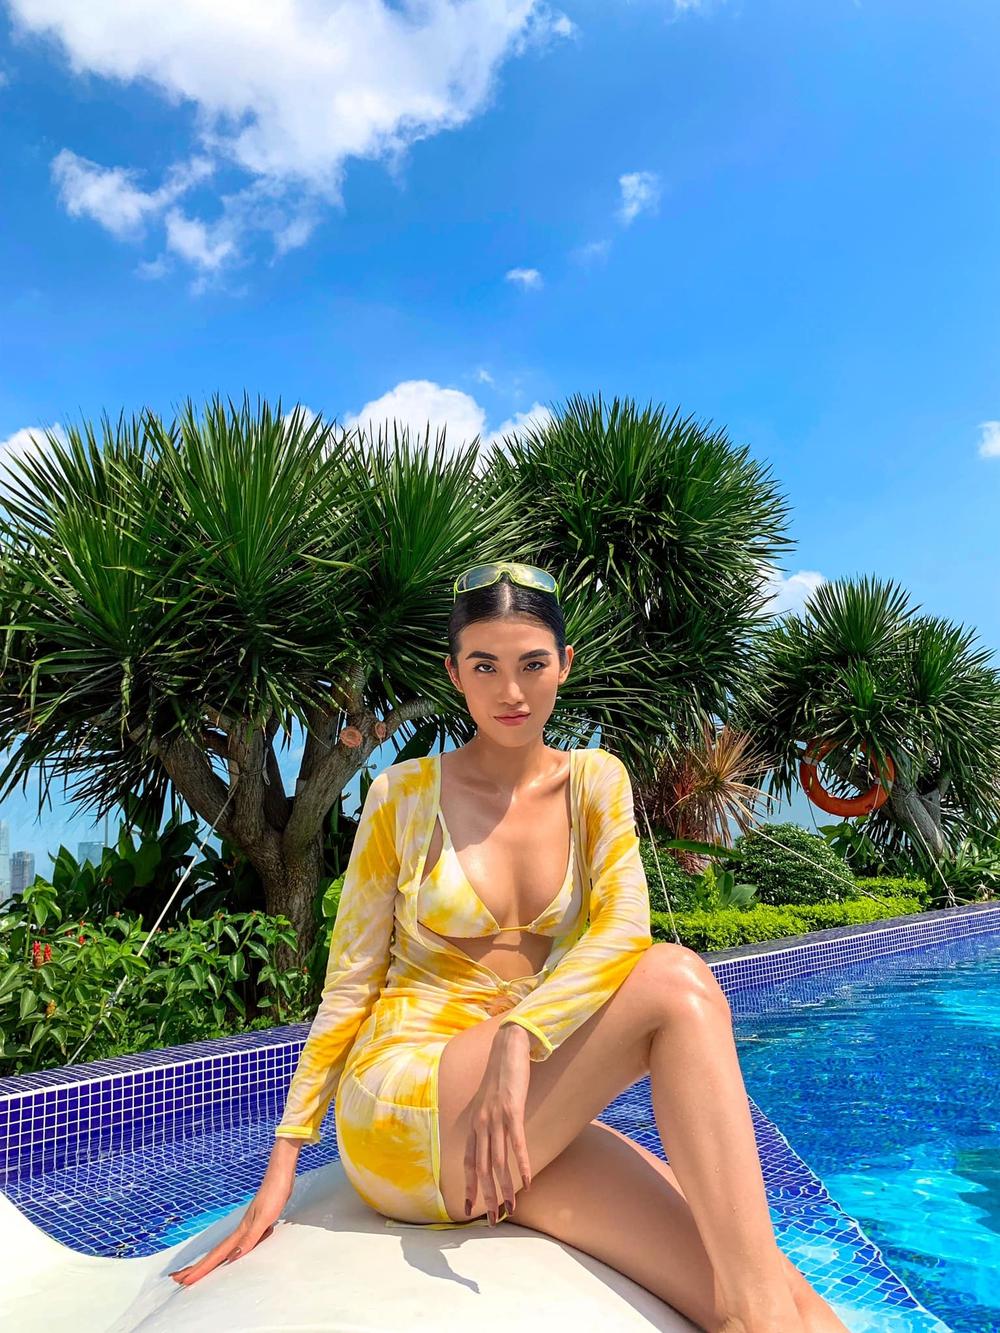 Hậu chia tay tỷ phú U80, người mẫu Việt tung loạt ảnh bikini nóng bỏng - Ảnh 1.